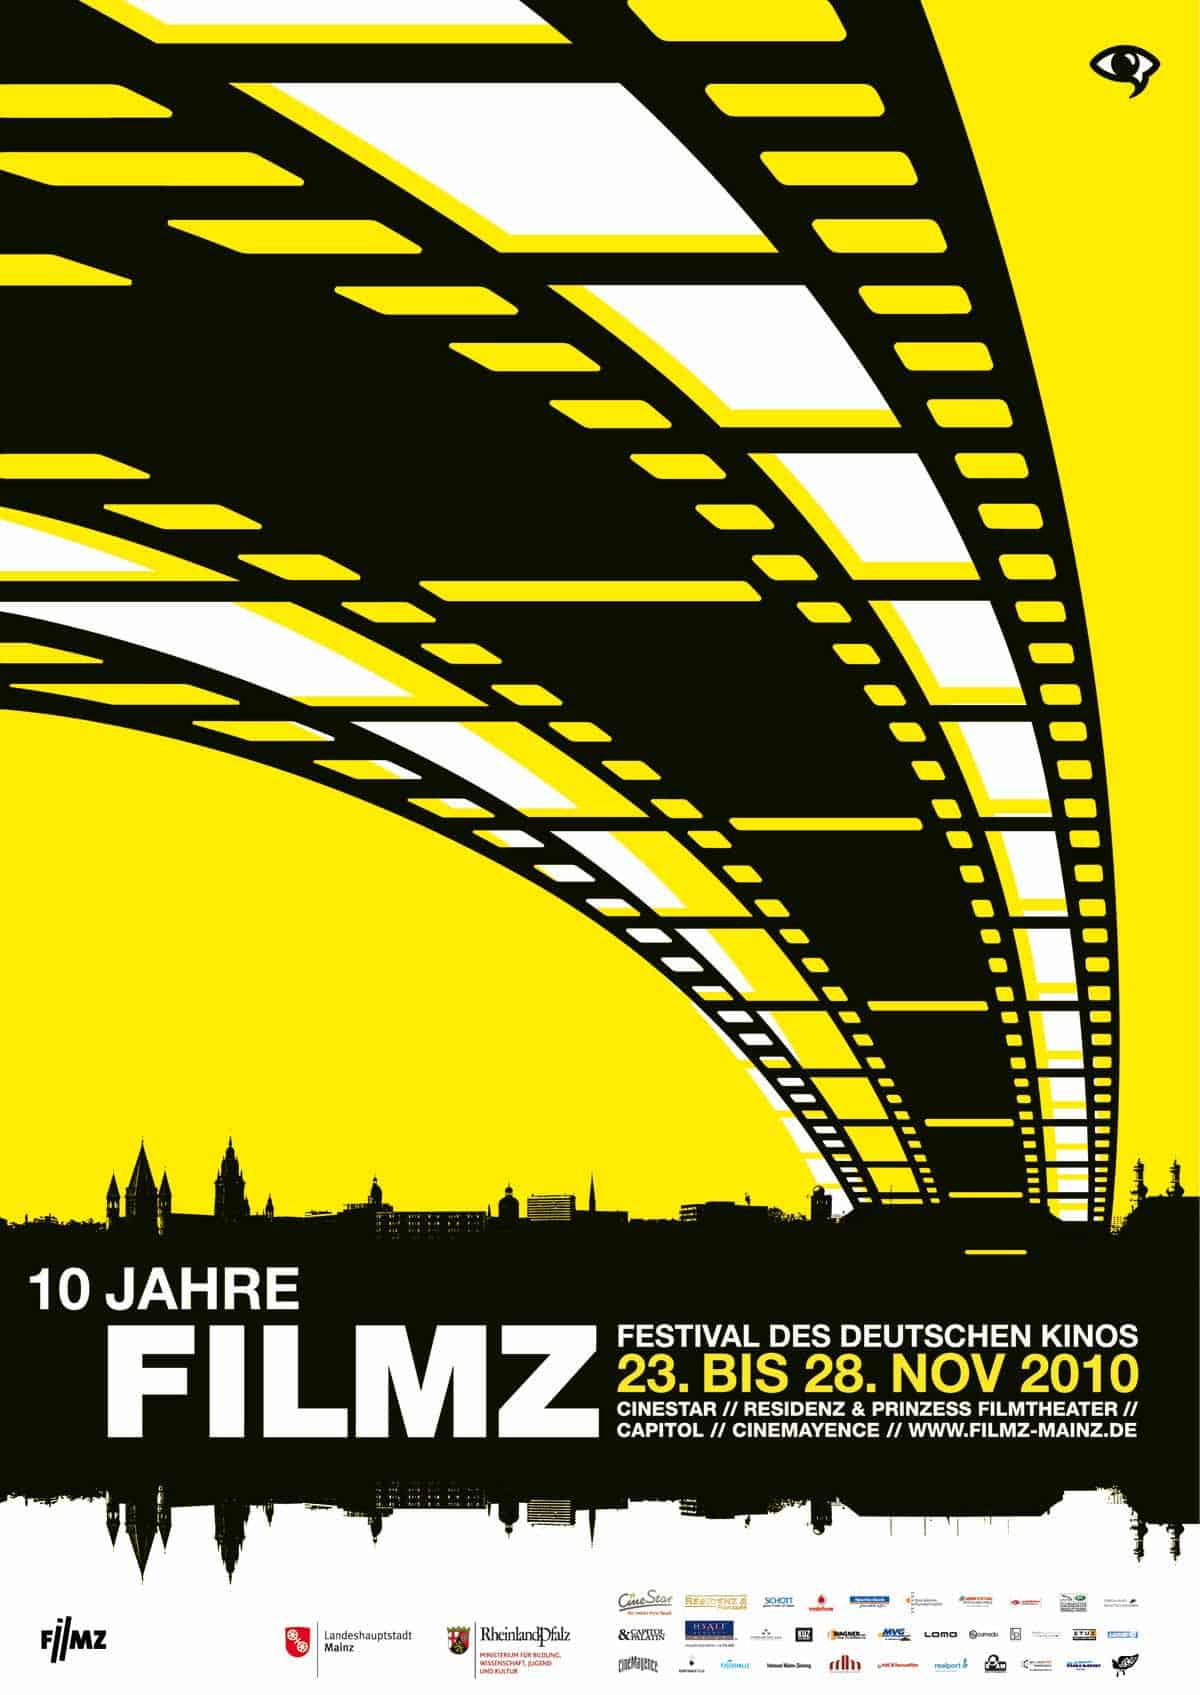 Filmz_Filmfestival_Plakat